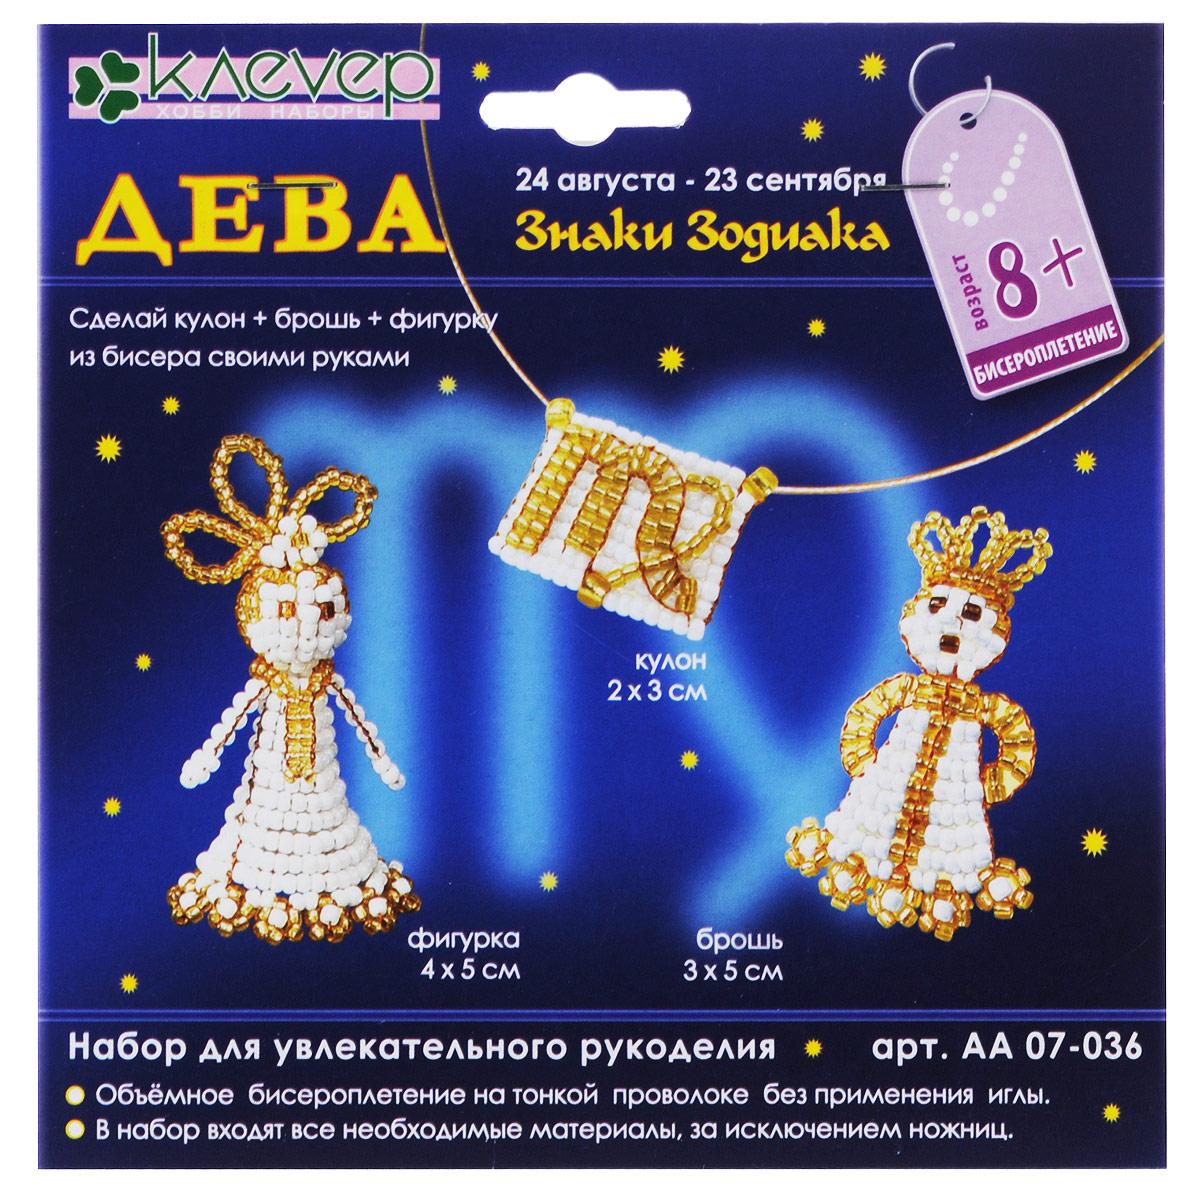 """Набор для бисероплетения """"Дева"""" позволит вам создать своими руками кулон, брошь и фигурку, которые являются стилизованными изображениями знака Зодиака """"Дева"""", выполненные в жемчужно-золотой гамме. Сплетенные на проволоке из жемчужного бисера с """"золотыми"""" элементами, они будут замечательно смотреться как кулон на """"золотой"""" ювелирной струне, как милая брошь на английской булавке и как миниатюрная бисерная фигурка. Главное, что рукодельница сможет легко изготовить эти изделия в подарок, или они всегда будут вместе с ней как талисман. В набор входят бисер, проволока, декоративная струна, металлические зажимы и замок, английская булавка и подробная иллюстрированная инструкция на русском языке на обратной стороне коробки."""